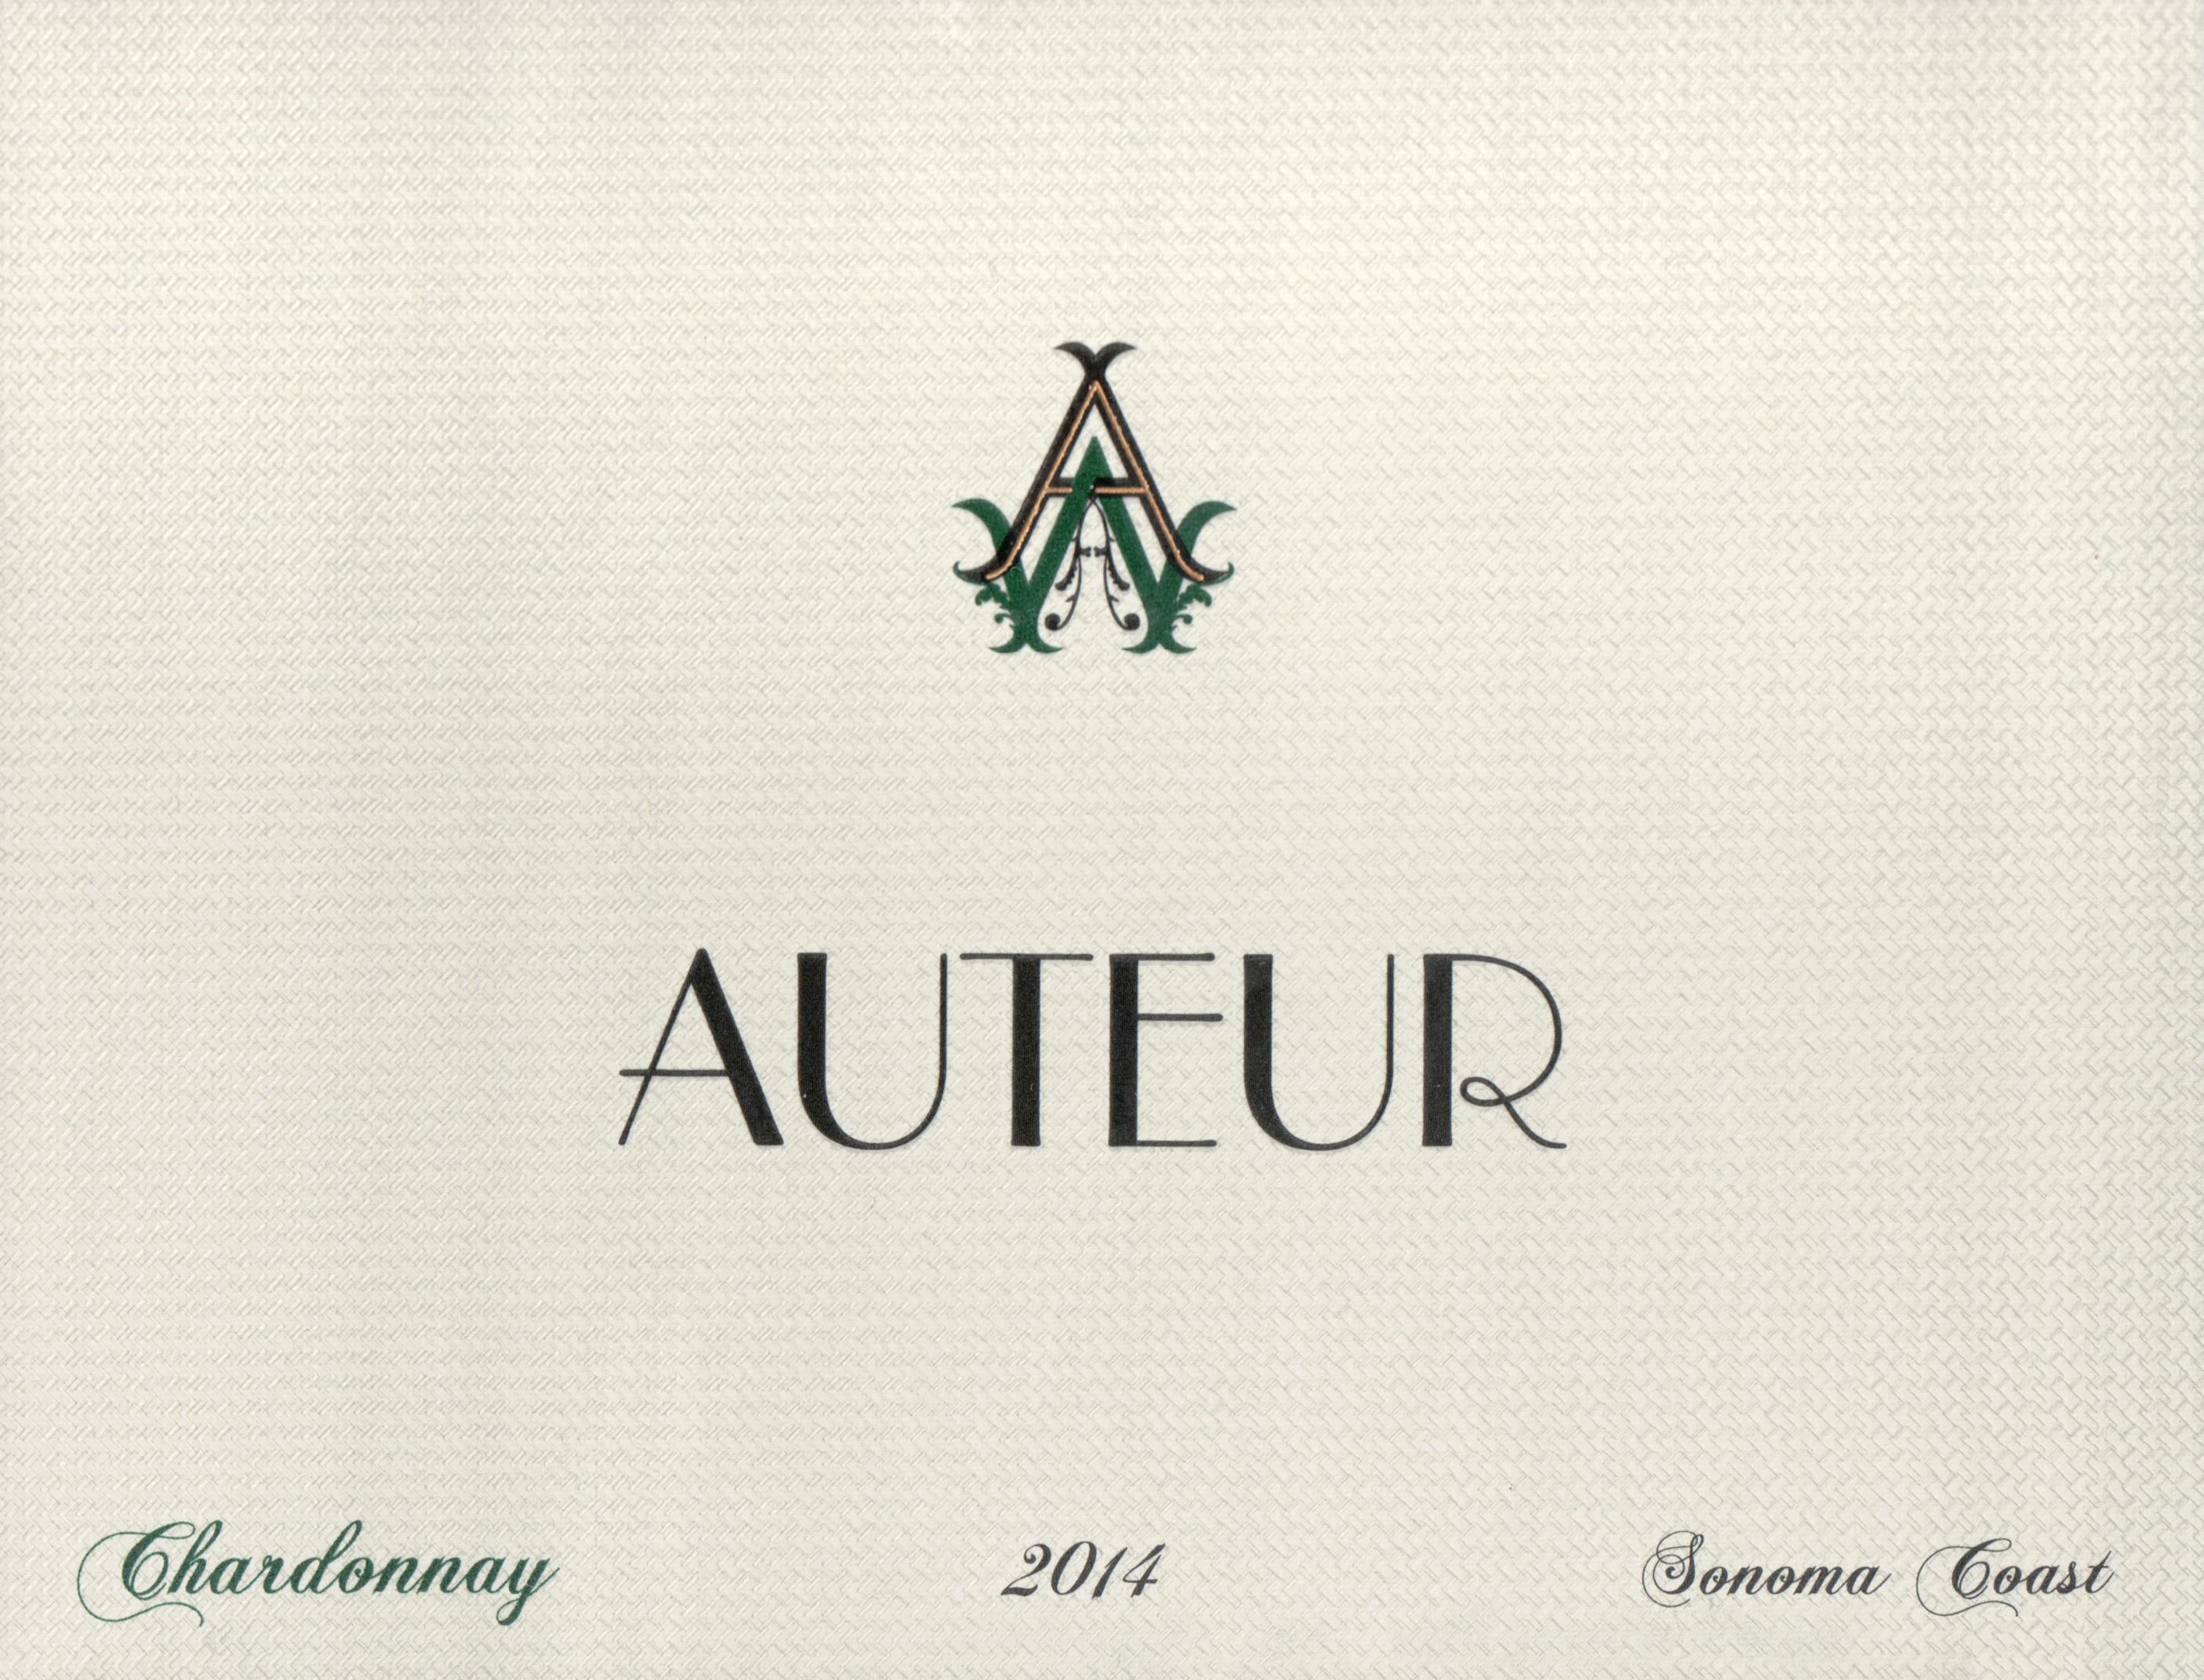 Auteur Chardonnay 2014